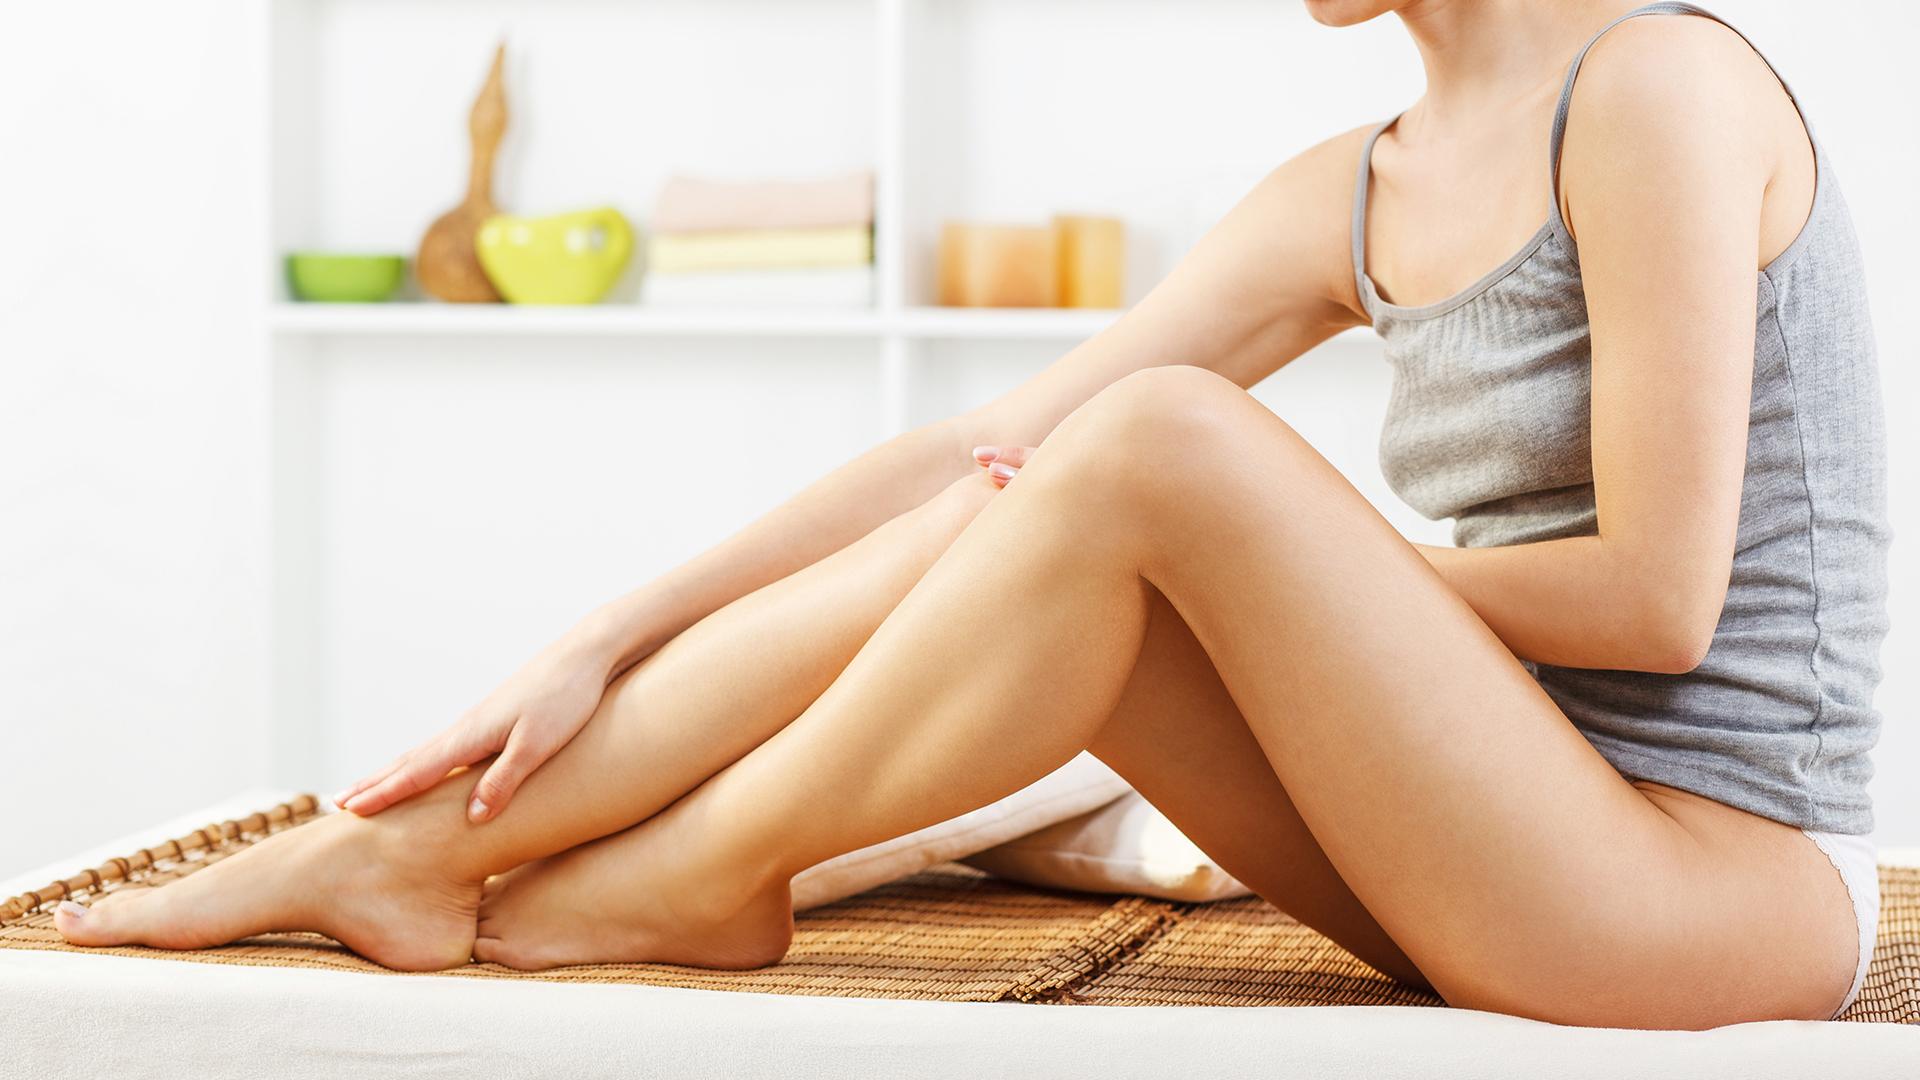 Vuoden 2019 parhaat kosmetiikat -listaus sisältää myös ihania kauneustuotteita jalkojen hoitoon.